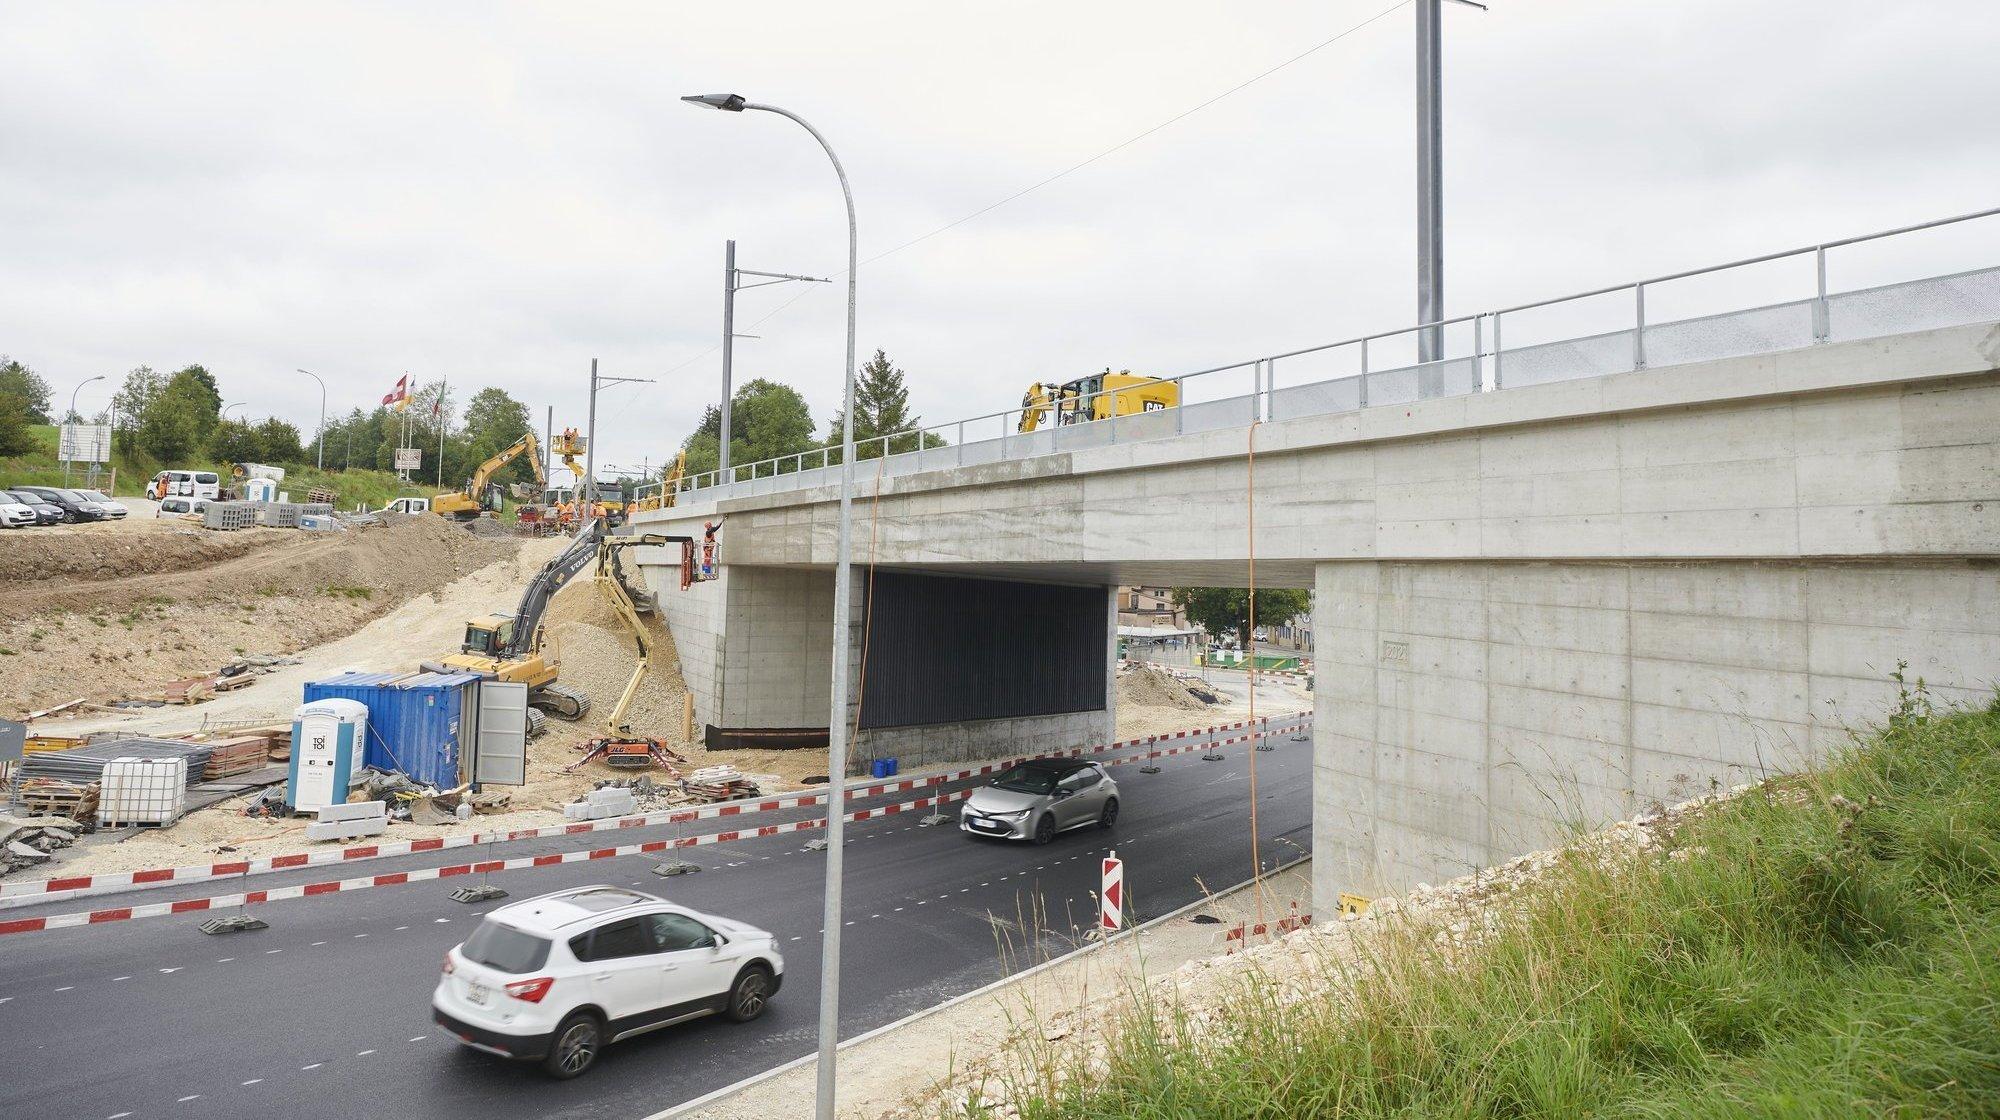 Canton de Neuchâtel: le large soutien des autorités à la H18 à La Chaux-de-Fonds